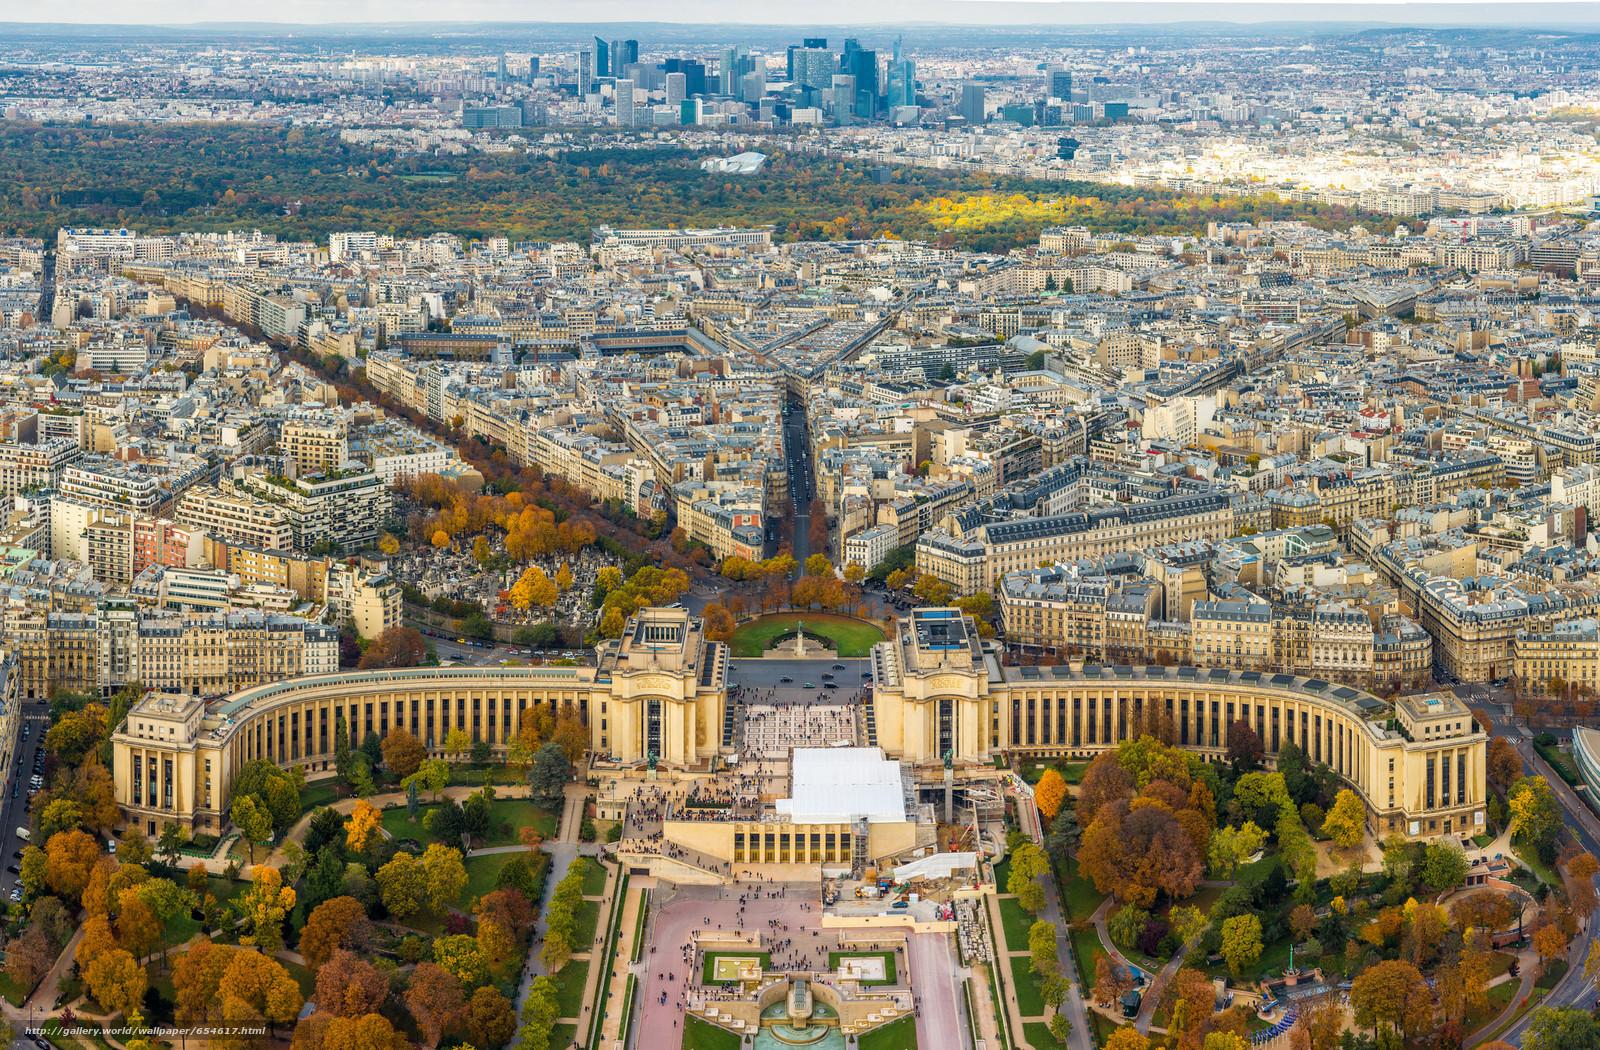 Скачать обои Paris,  France,  Париж,  Франция бесплатно для рабочего стола в разрешении 2048x1344 — картинка №654617